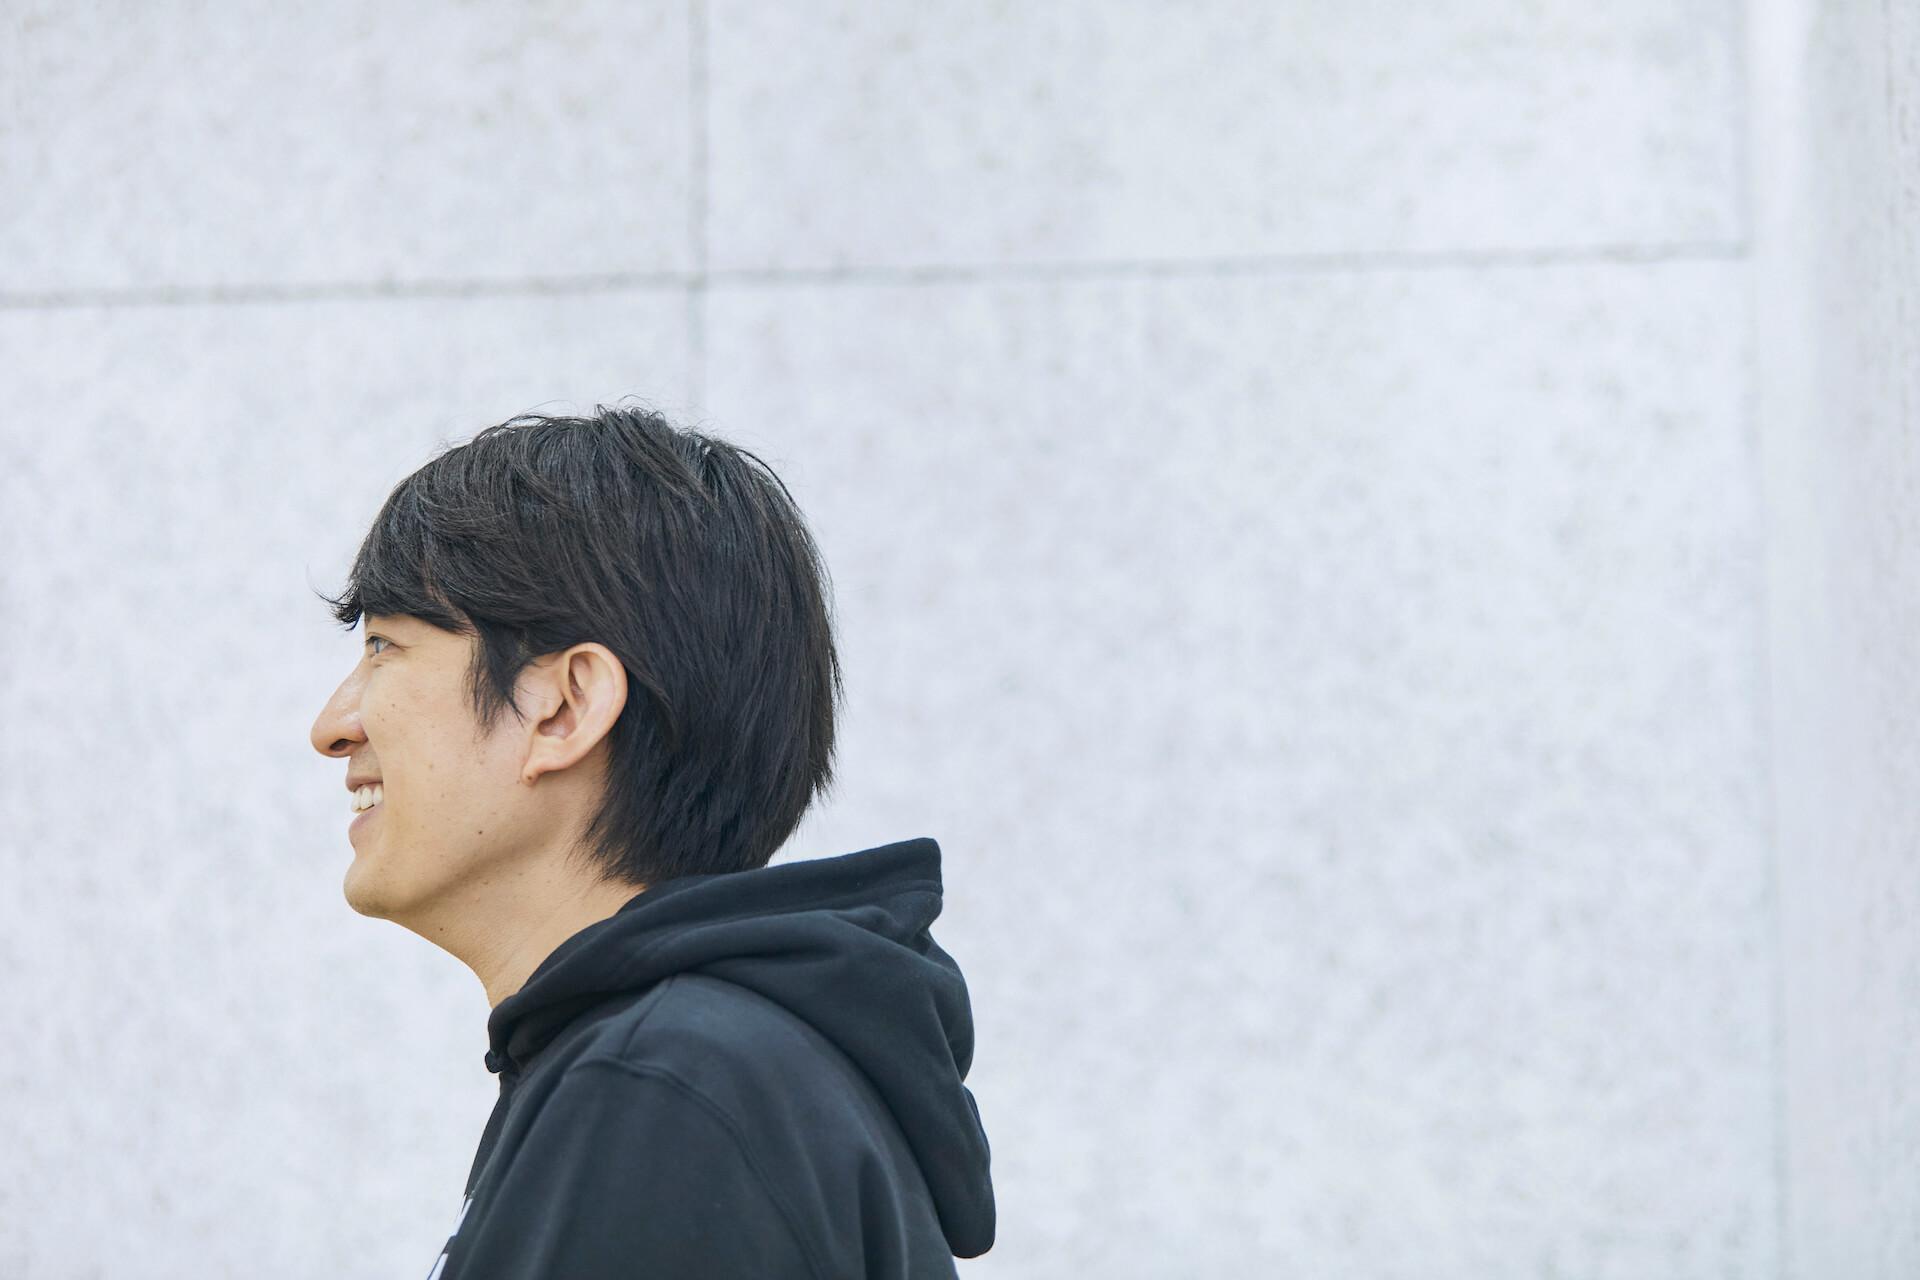 対談:澤田智洋(『マイノリティデザイン』)×柴田隆浩(忘れらんねえよ) 負けてる世界は美しい、それを愛して歌うというデザイン interview210419_sawada-05